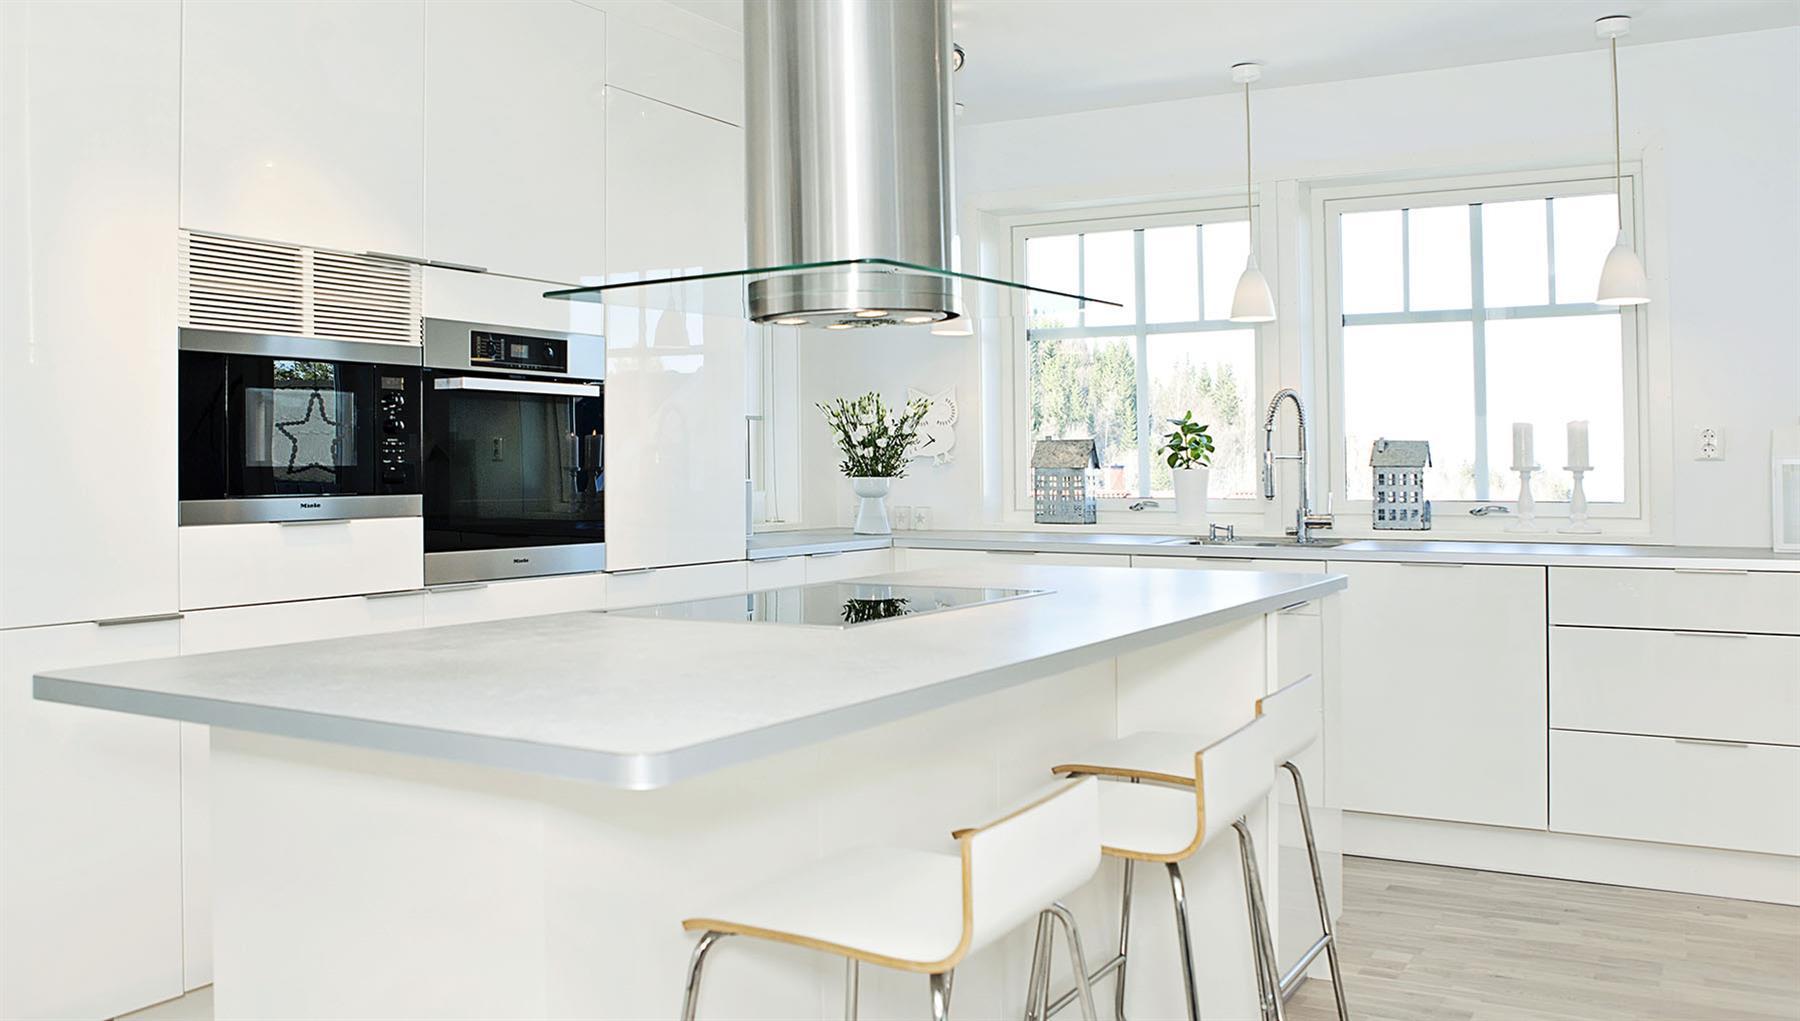 Inspirasjon til nytt hus - Hus 1 Norge